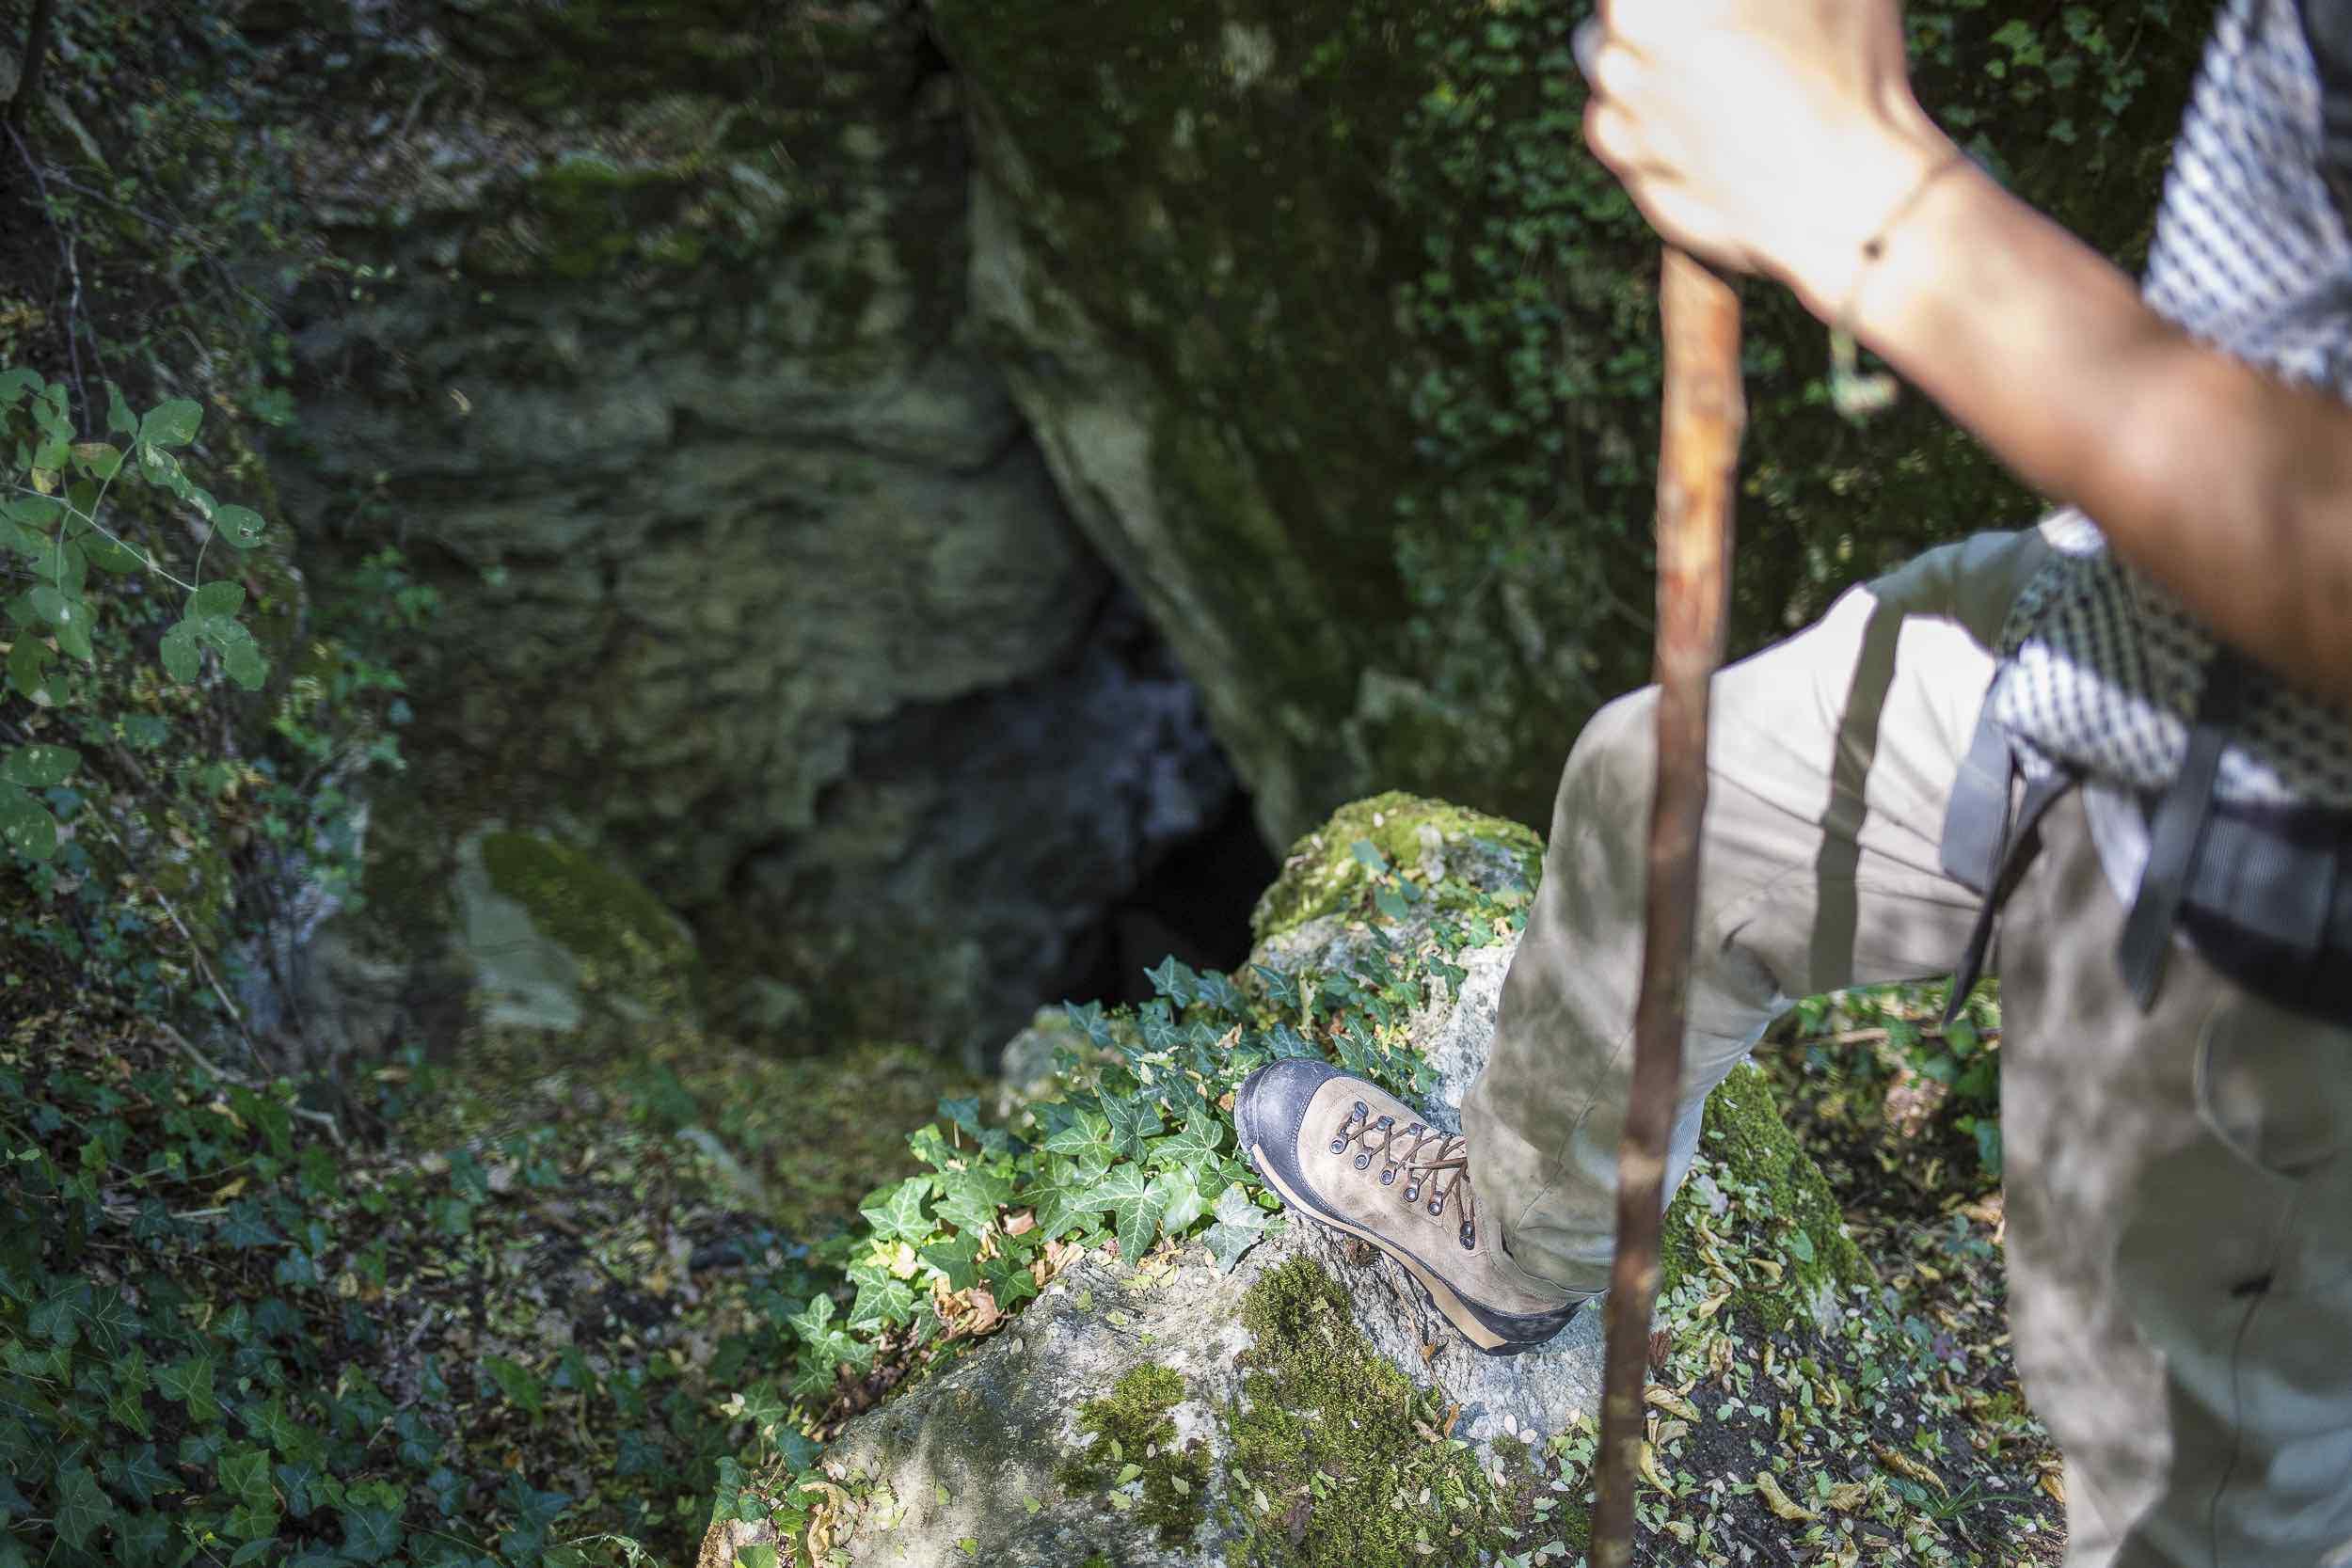 Aprile sulle montagne: escursioni e percorsi naturalistici nei dintorni di Ascoli Piceno